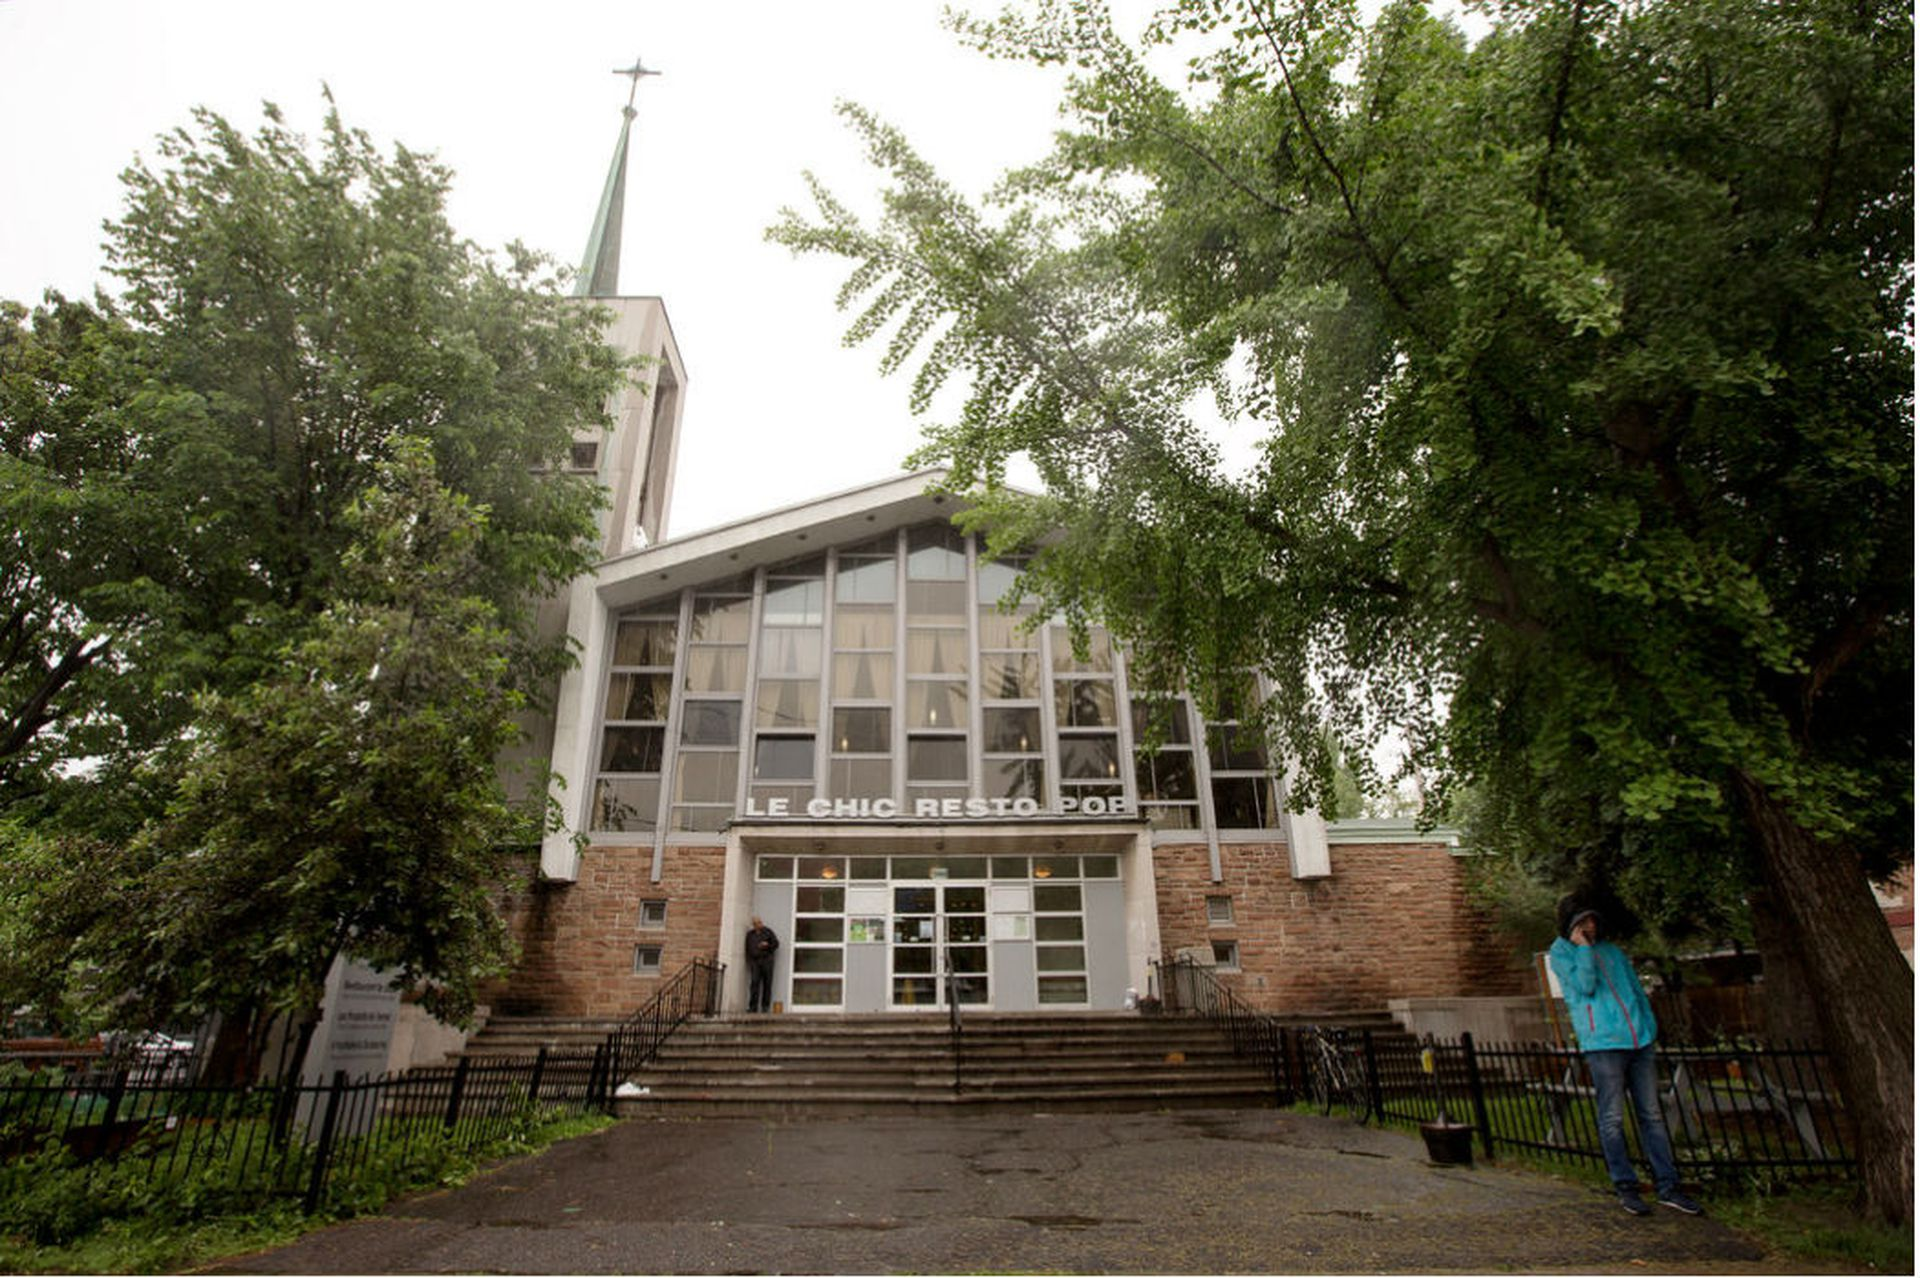 La iglesia de San Matías Apóstol fue convertida en el restorán Le Chic Resto Pop, ubicado en un vecindario de clase trabajadora de Montreal